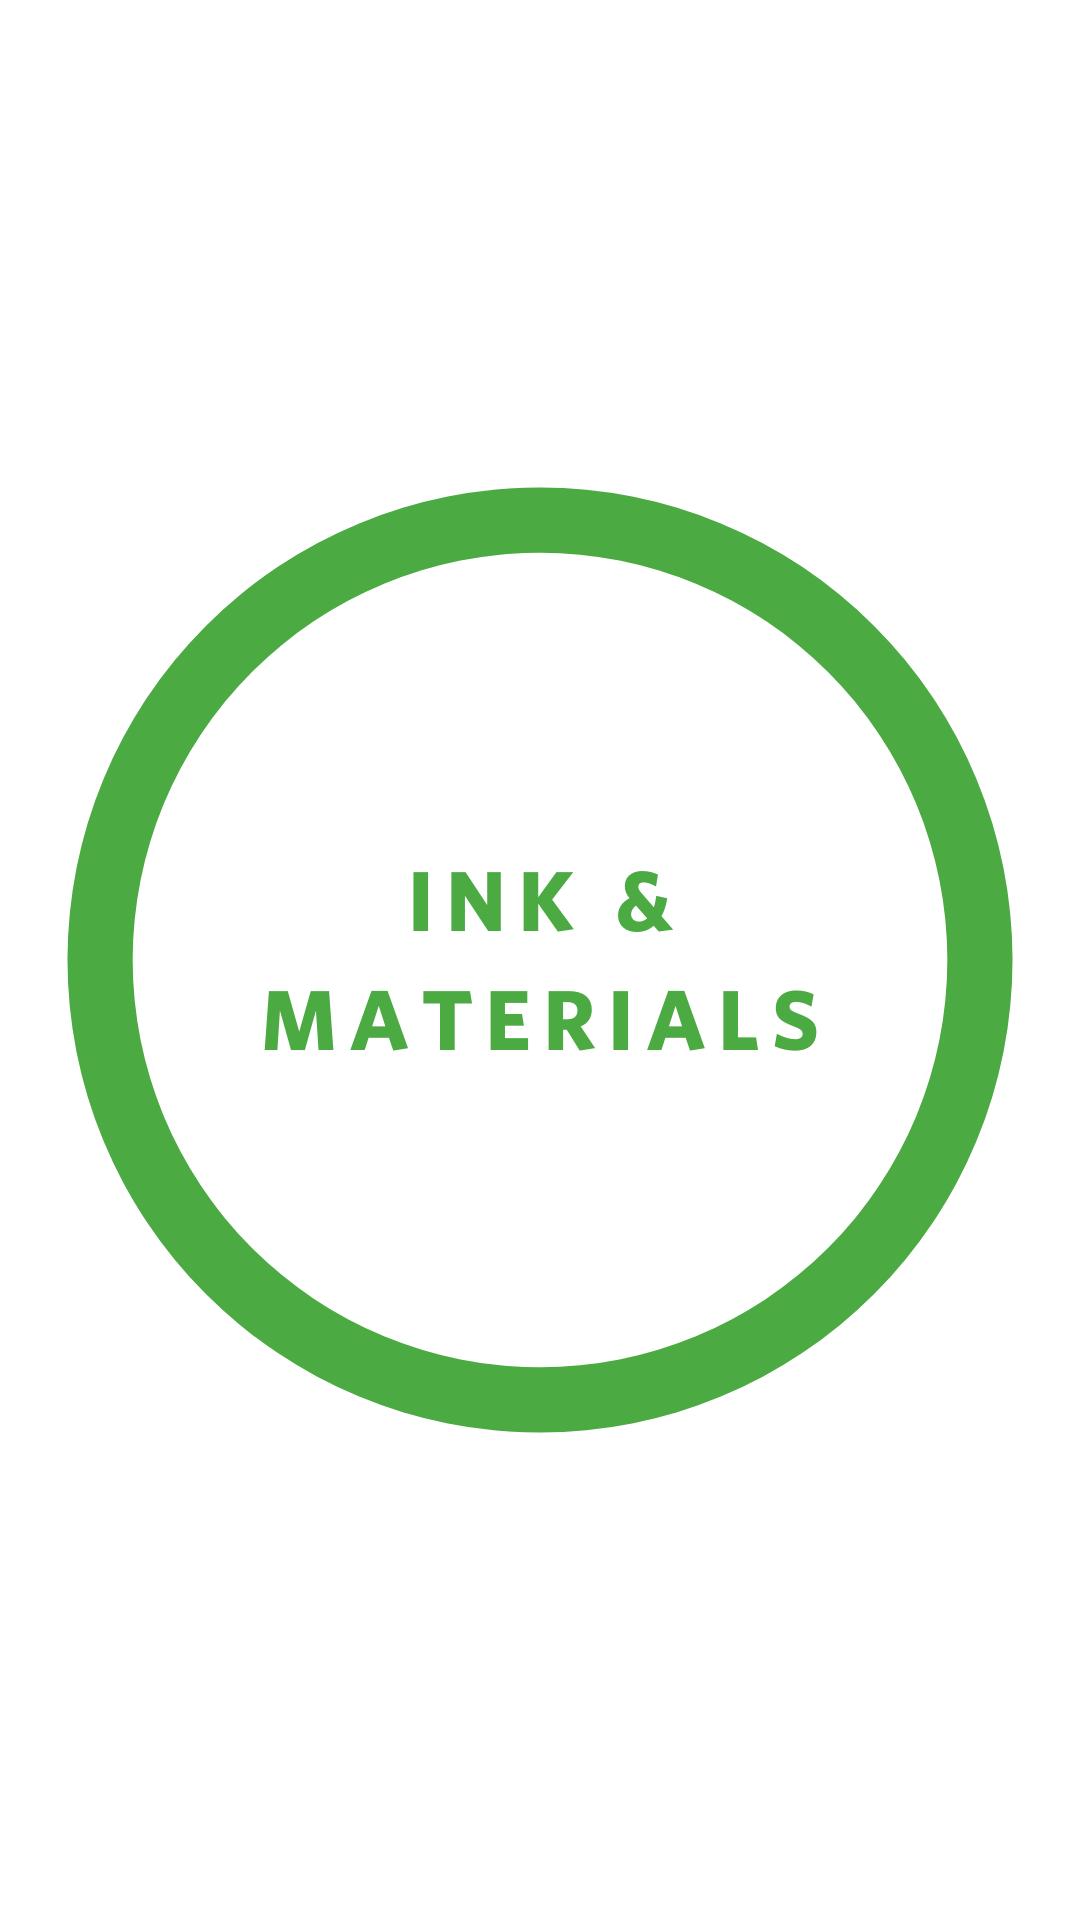 Ink & Materials